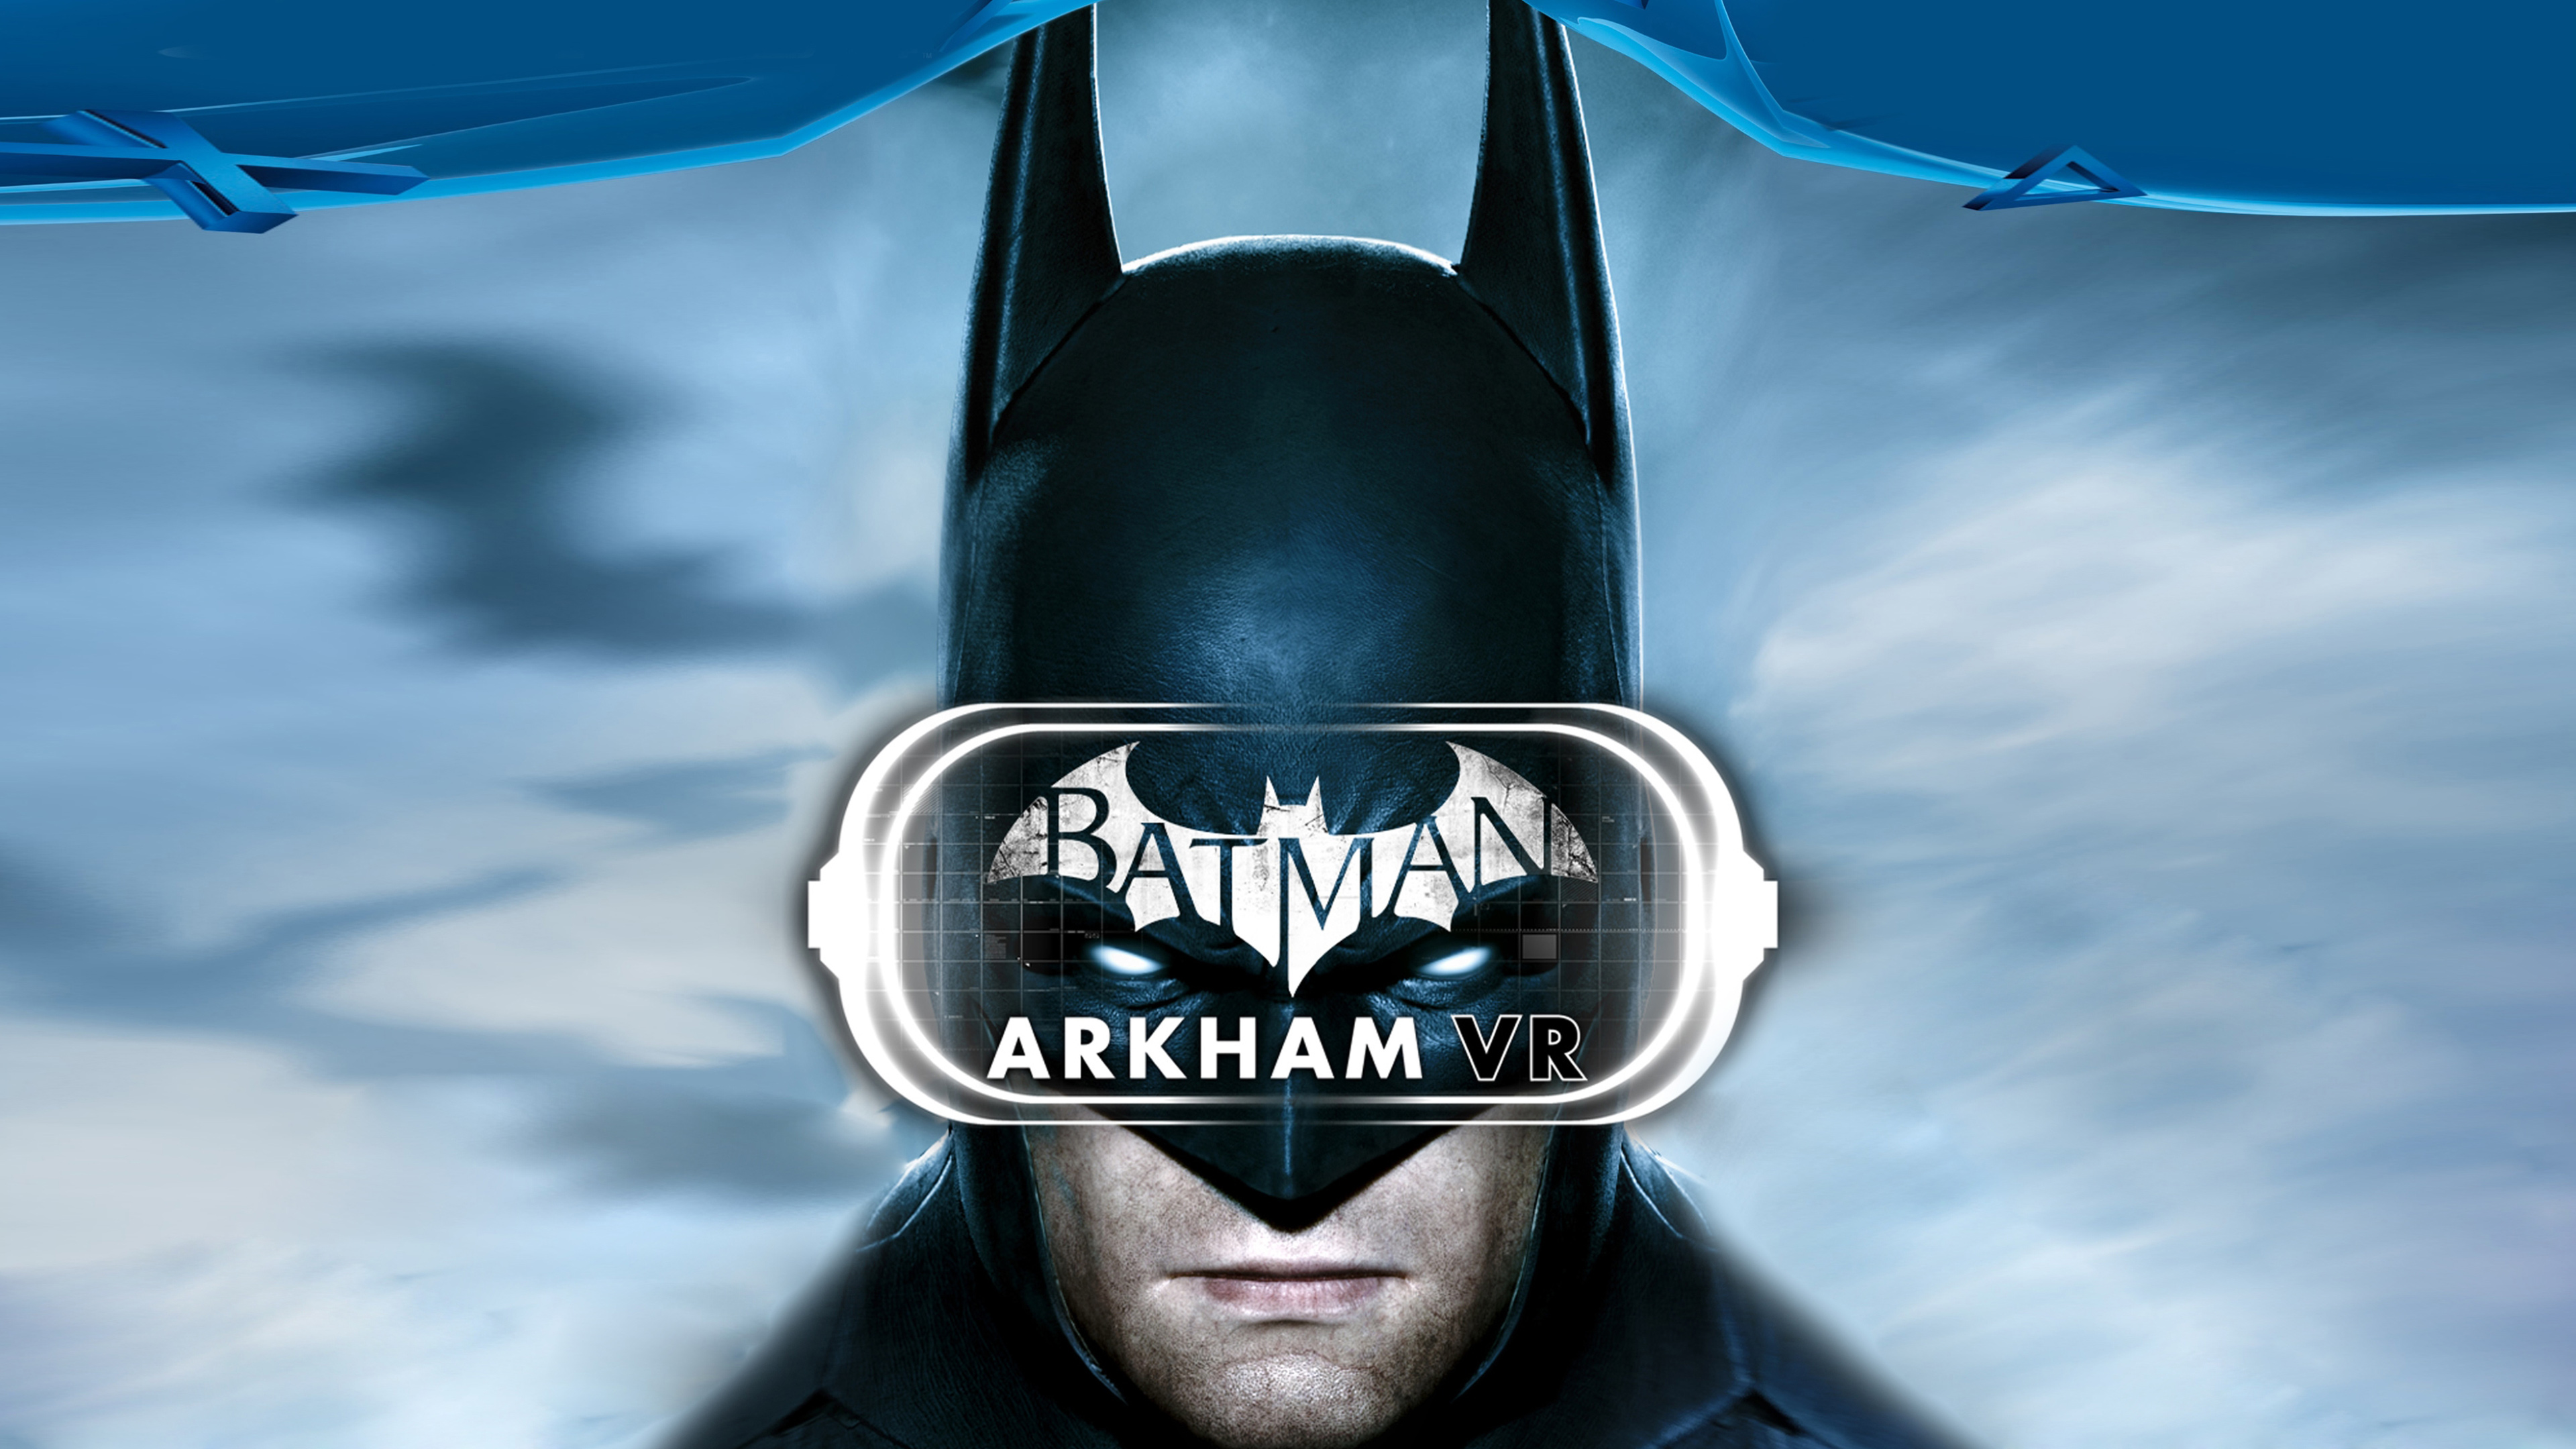 Бэтмен Arkham ВР 4к. обои скачать